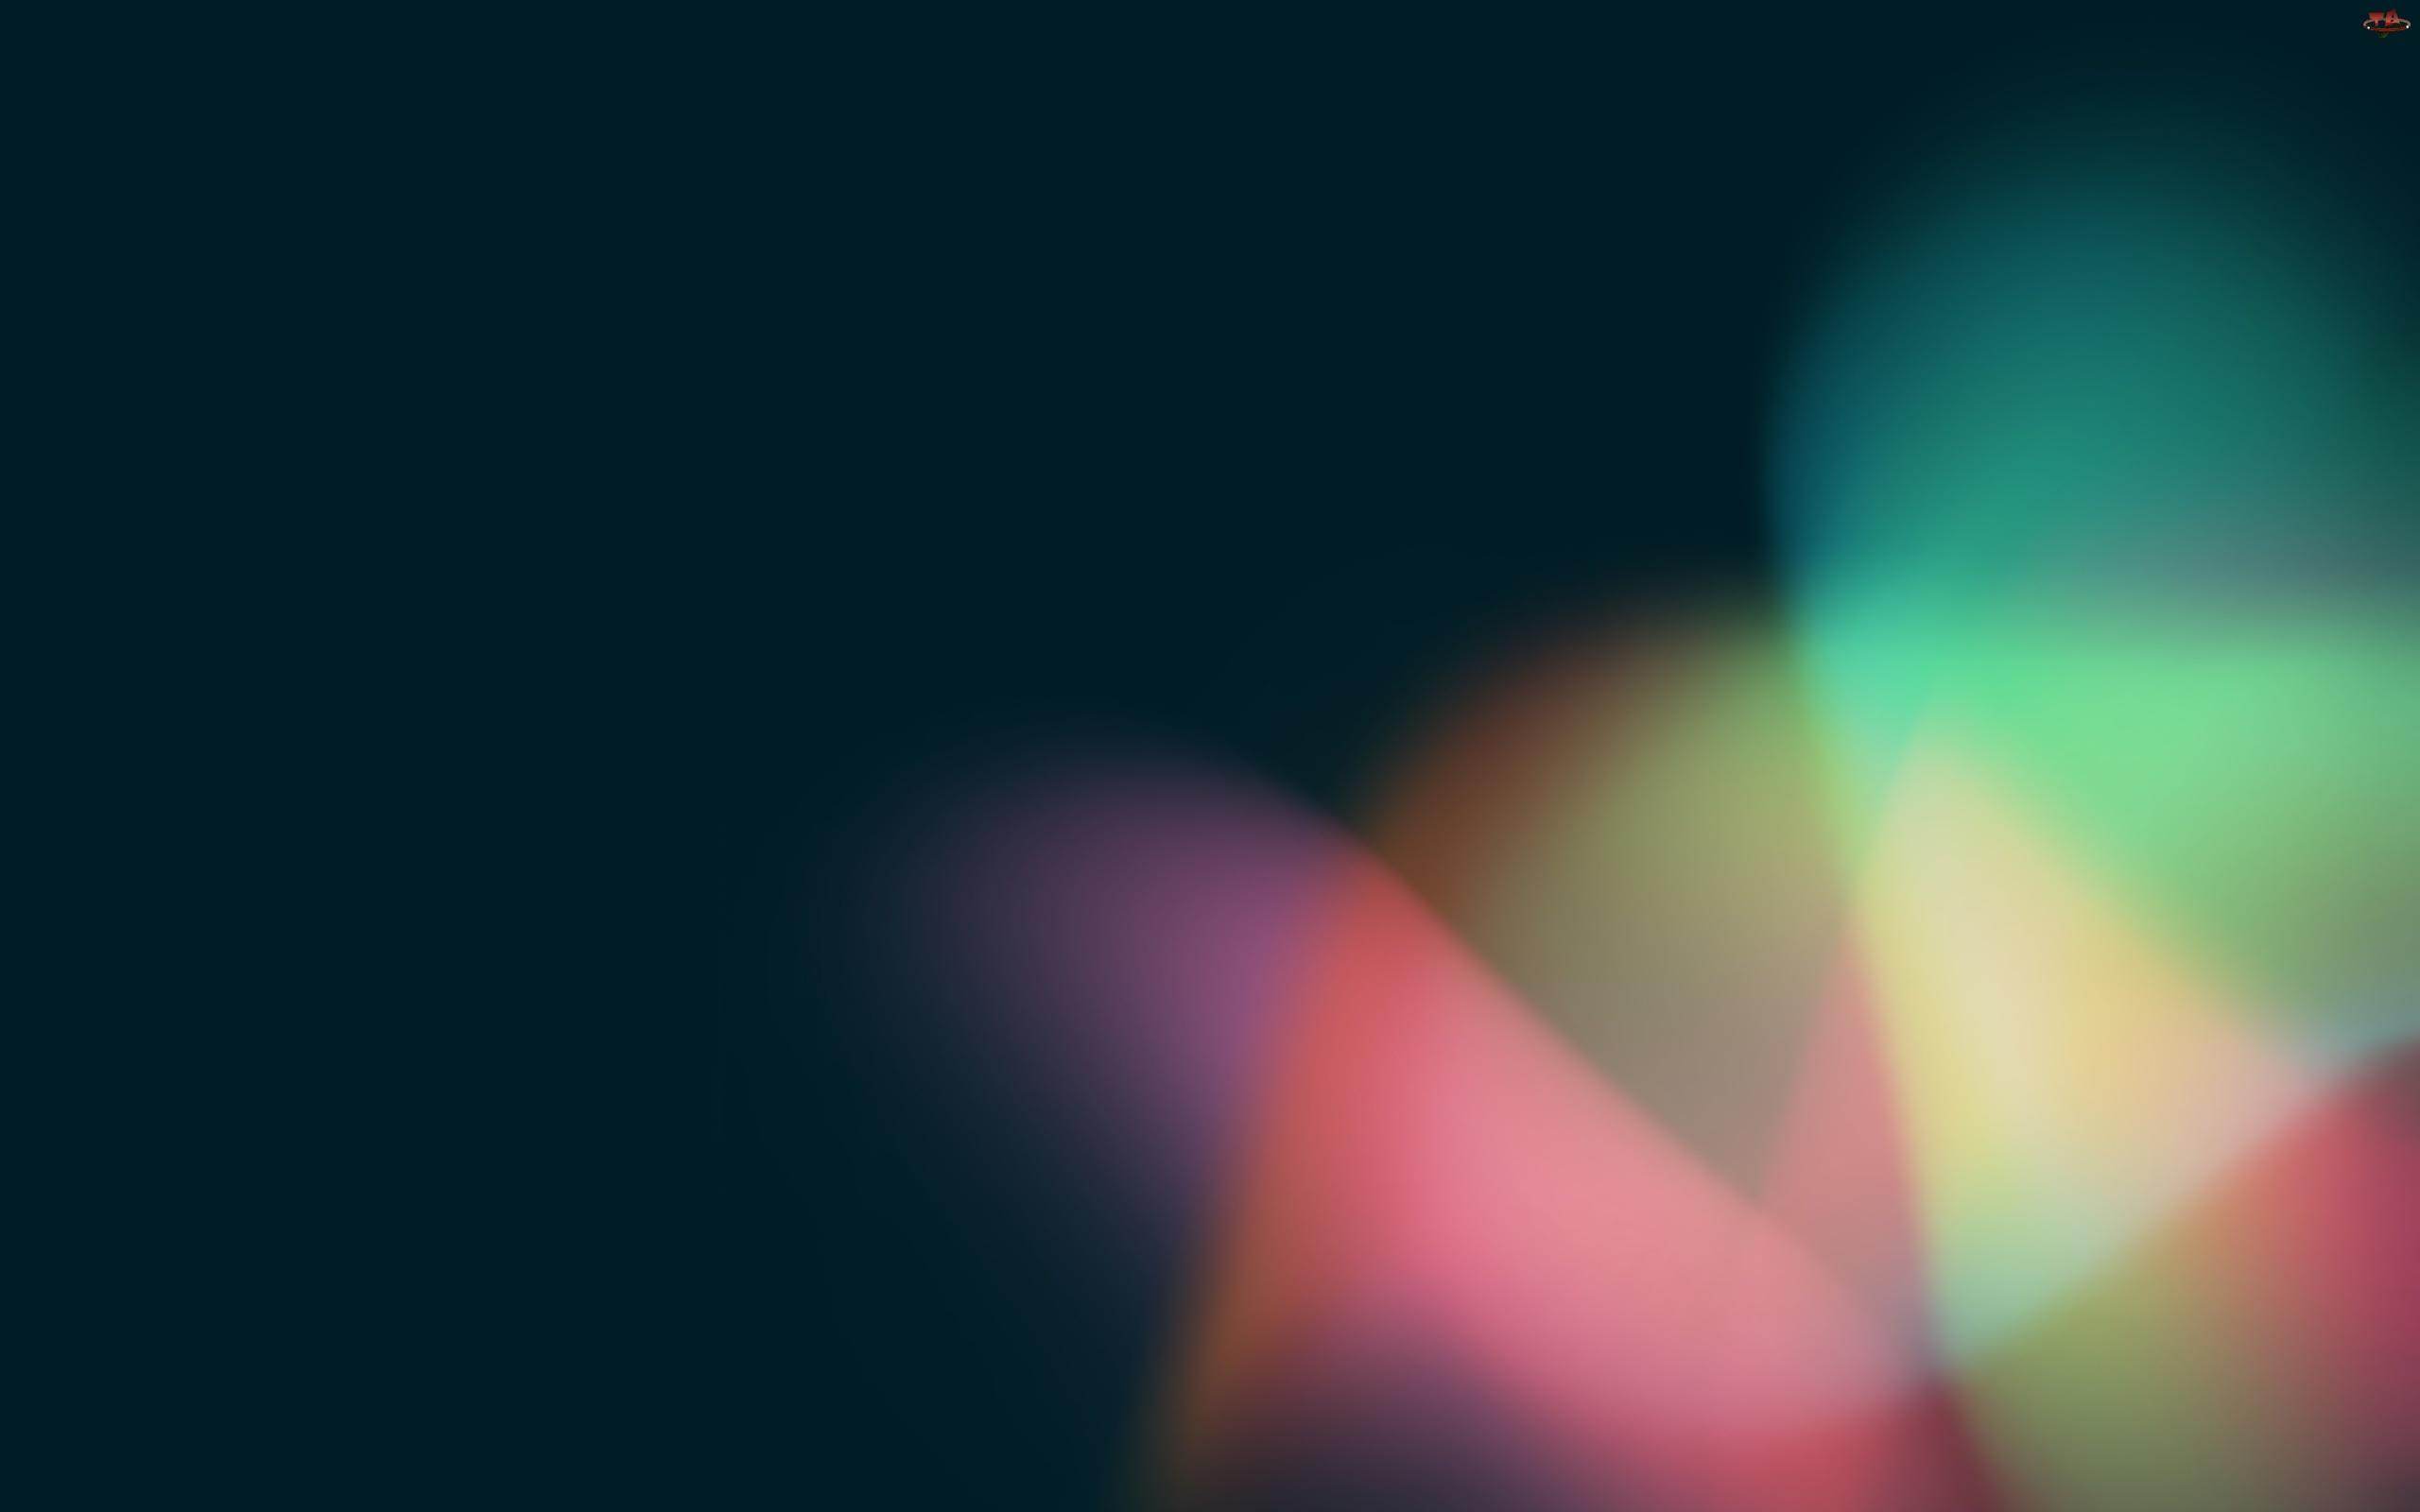 Bean, Kolory, Android, 3D, Jelly, Światło